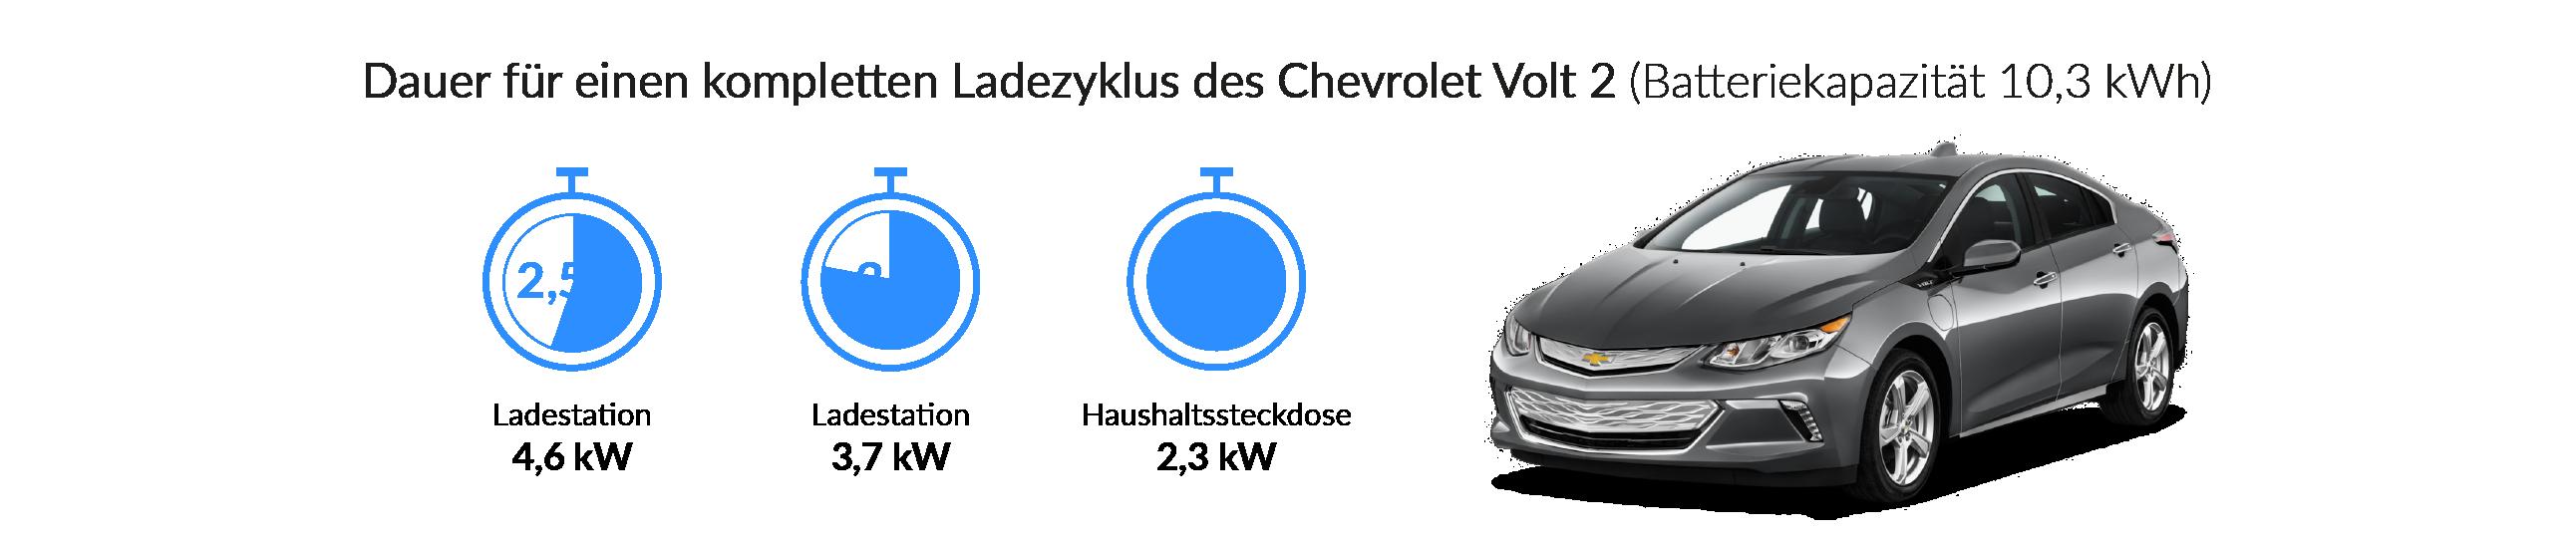 Ladezeiten des Chevrolet Volt 2